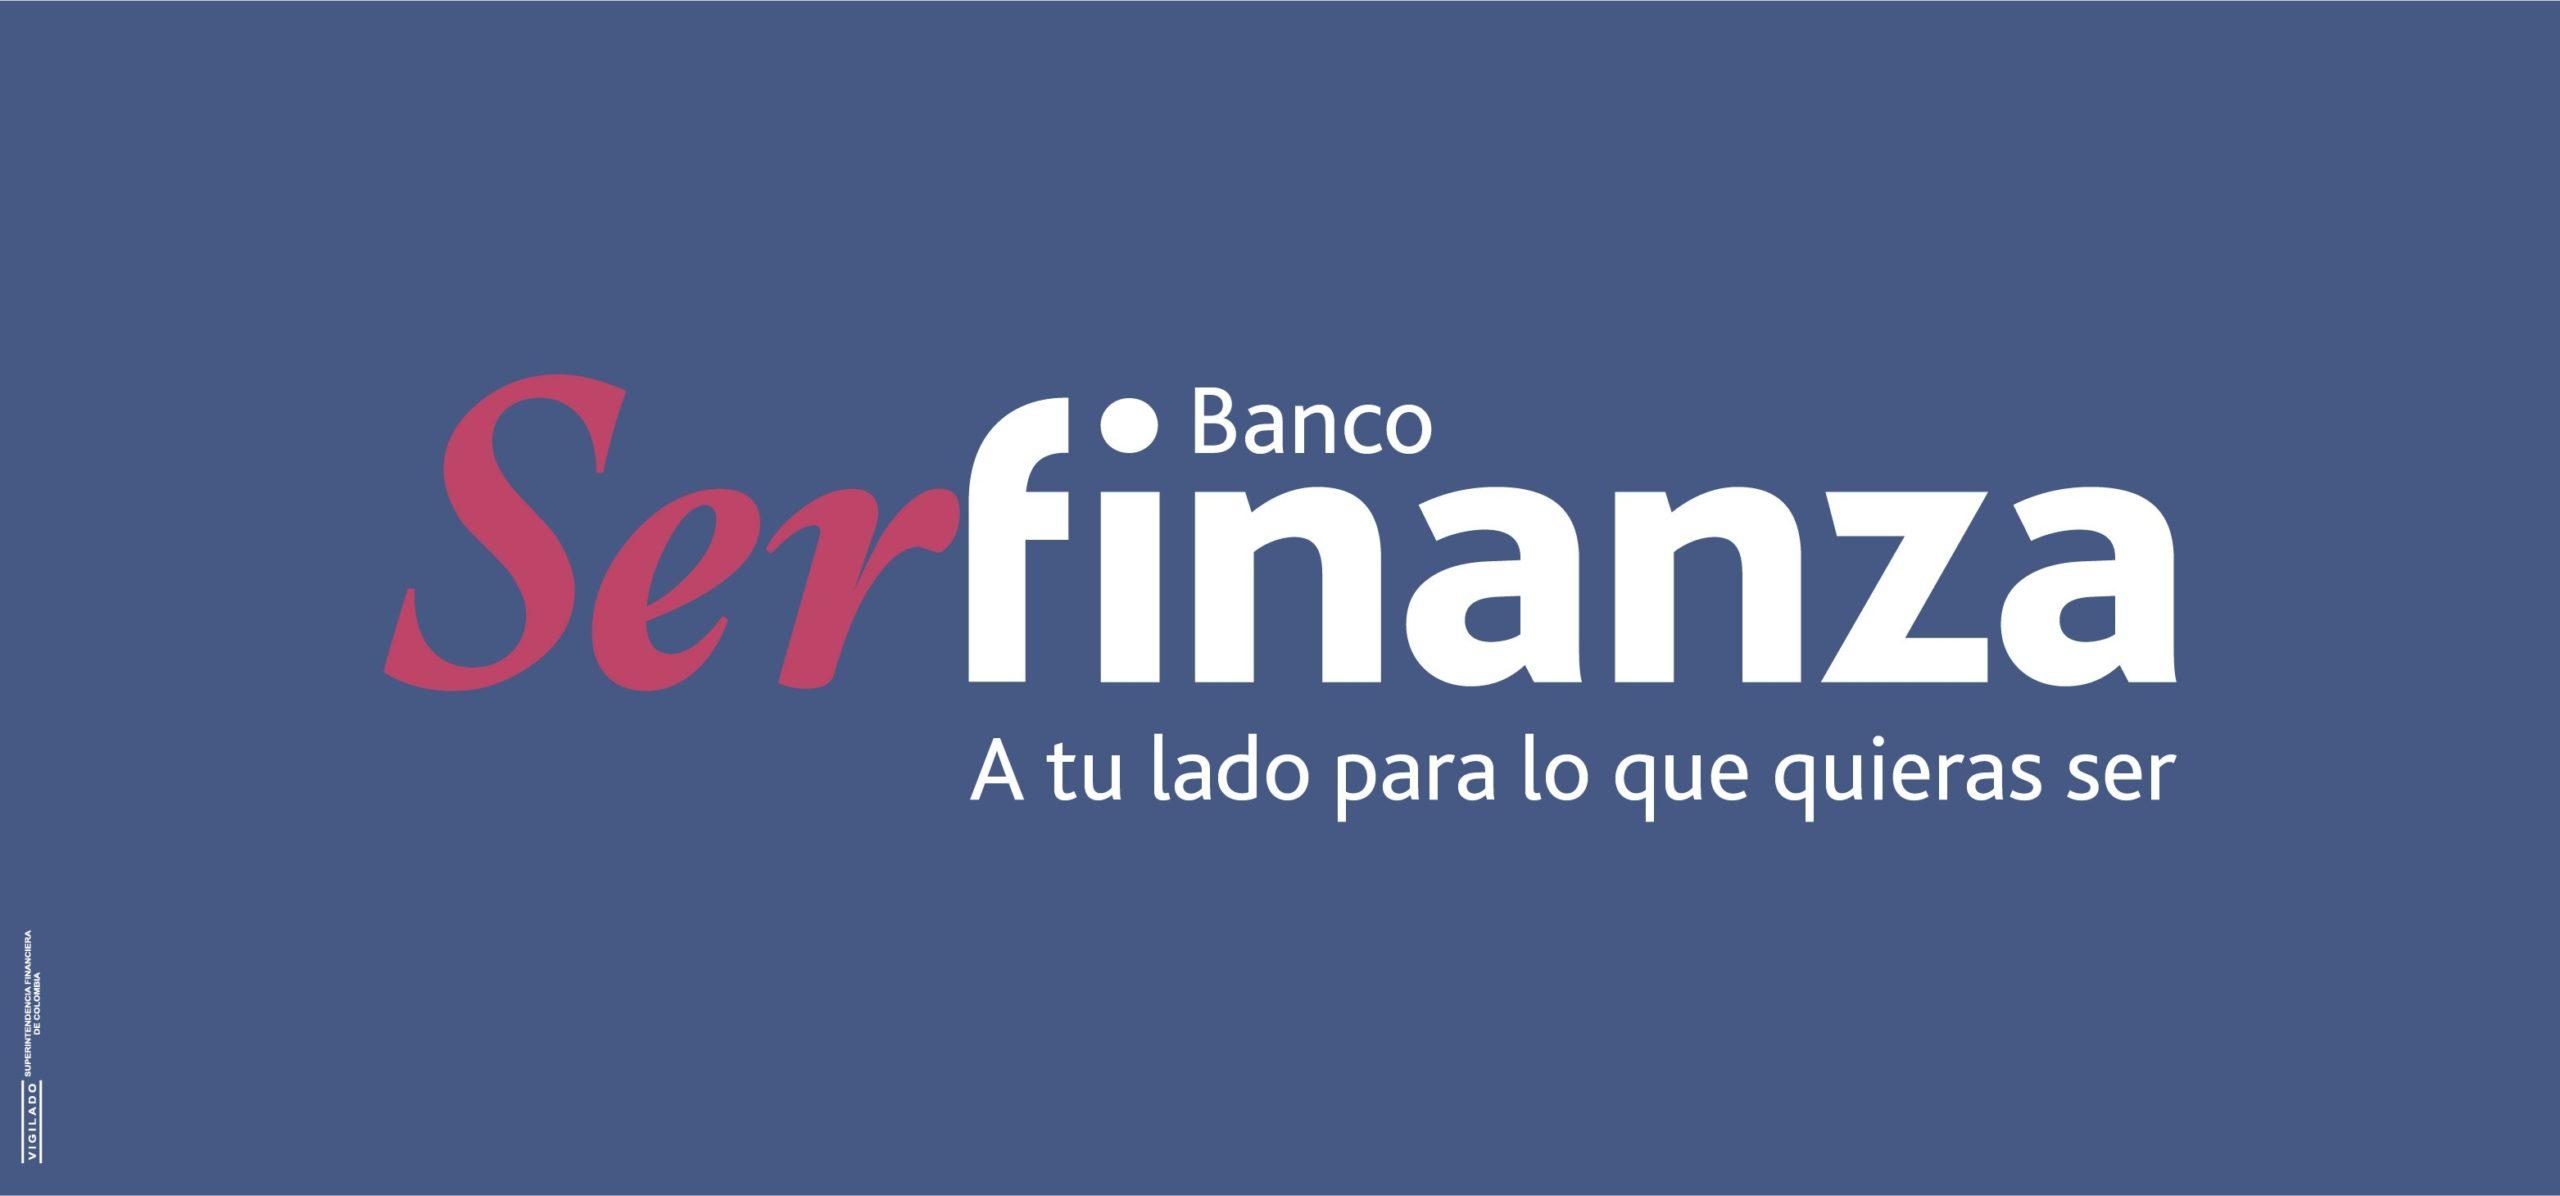 banco serfinanza